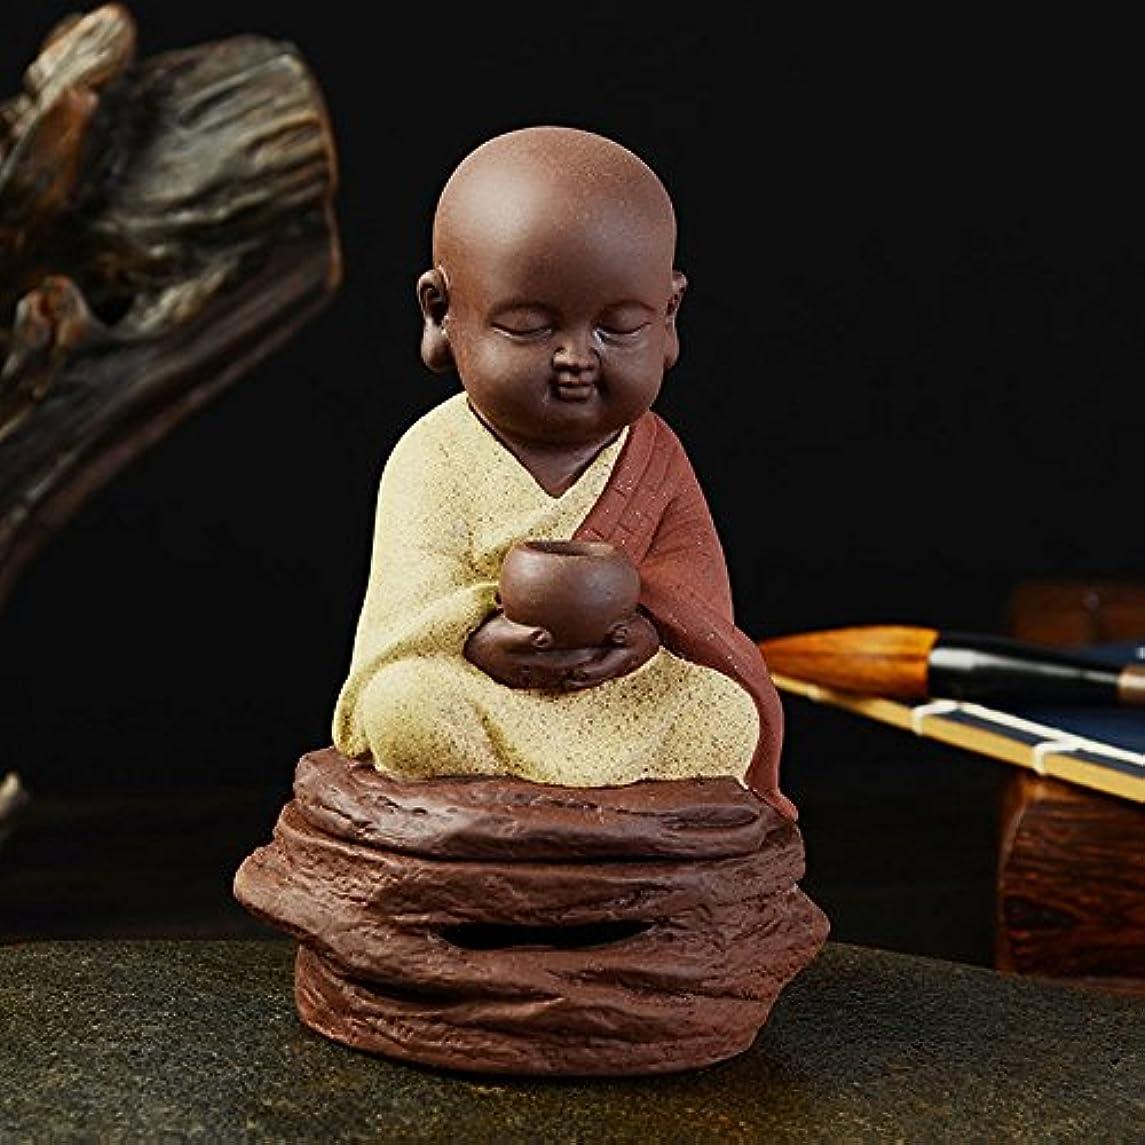 ボス浮く陰気Coil Incense BurnerホルダーAlmsボウルLittle禅Monkセラミック香炉ホーム装飾のTea Ceremony